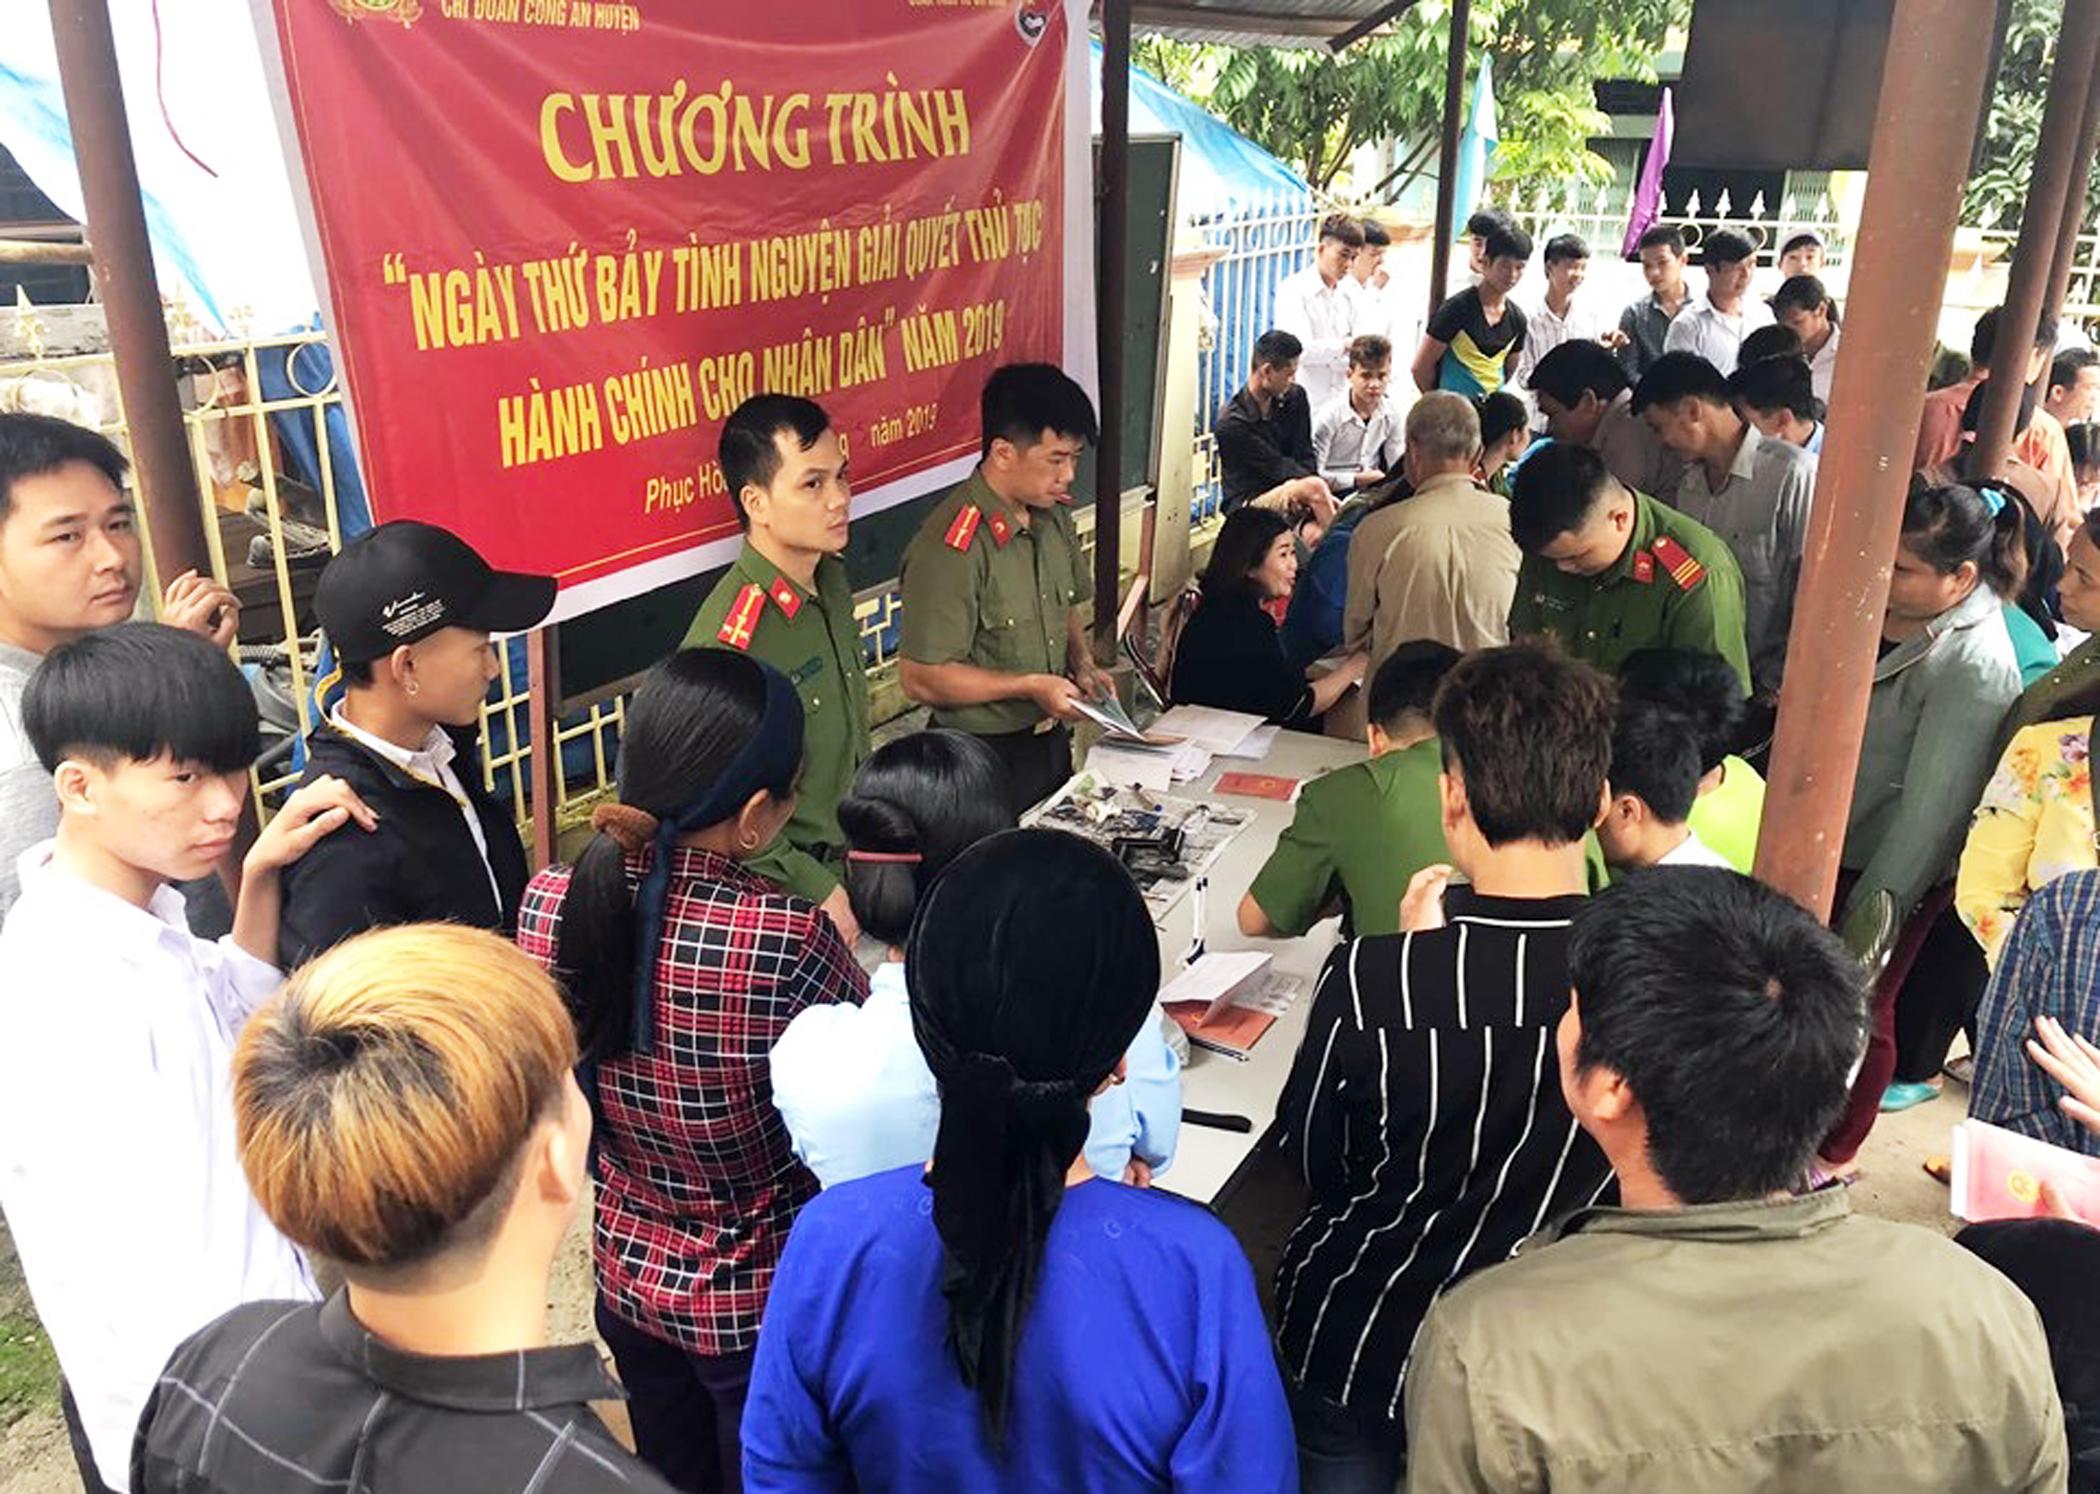 Ngày thứ 7 tình nguyện giải quyết thủ tục hành chính cho nhân dân